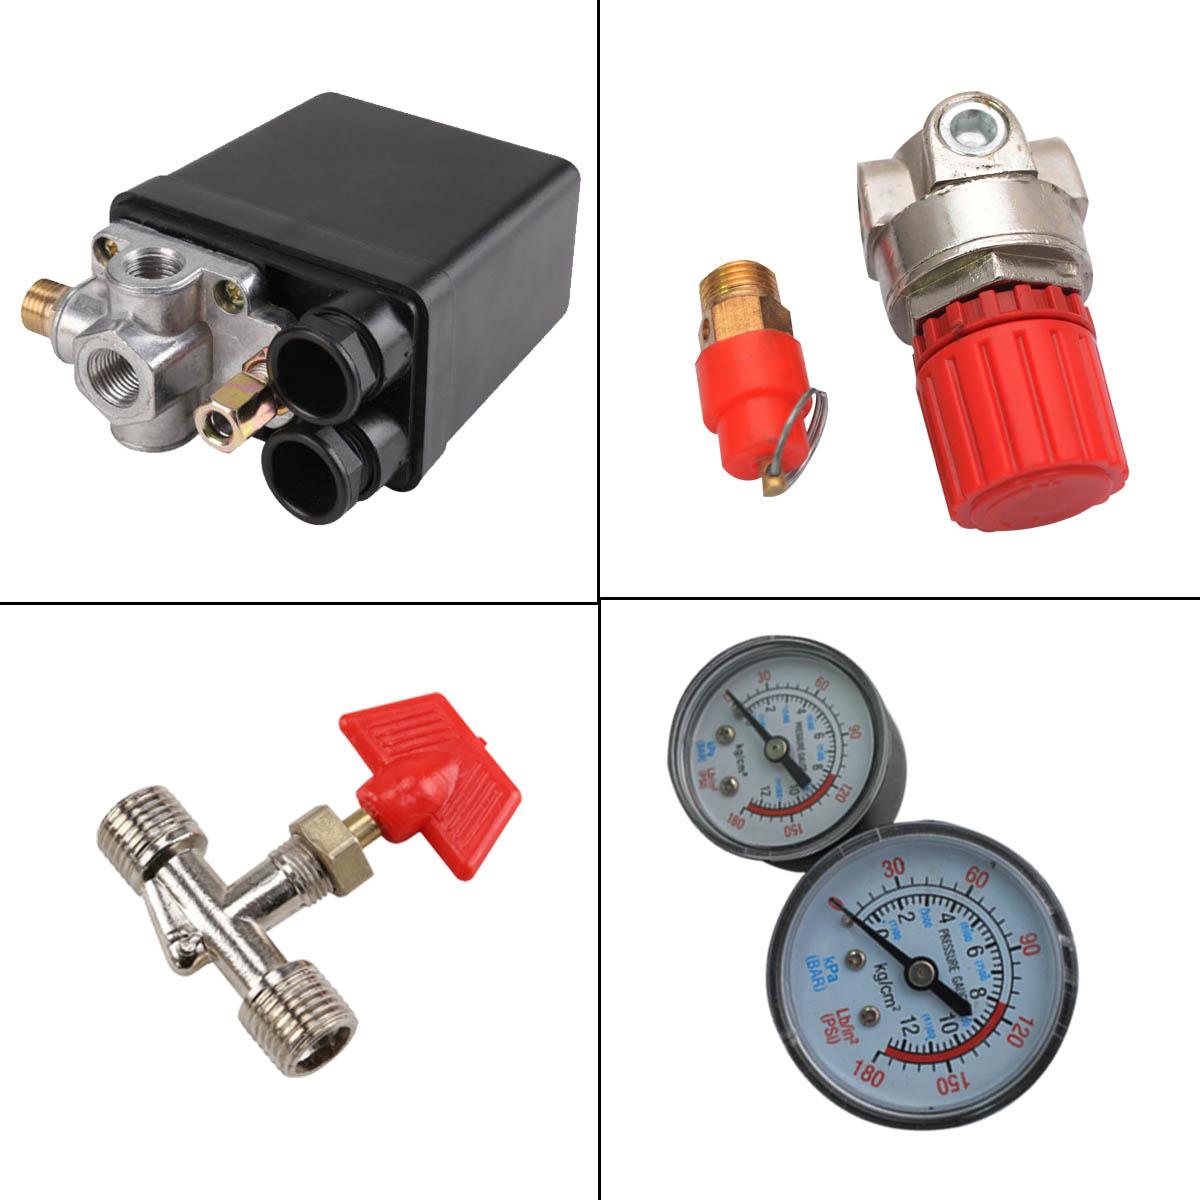 Neu Druckregler mit Druckschalter für Kompressor Kompressorschalte 240V 12bar